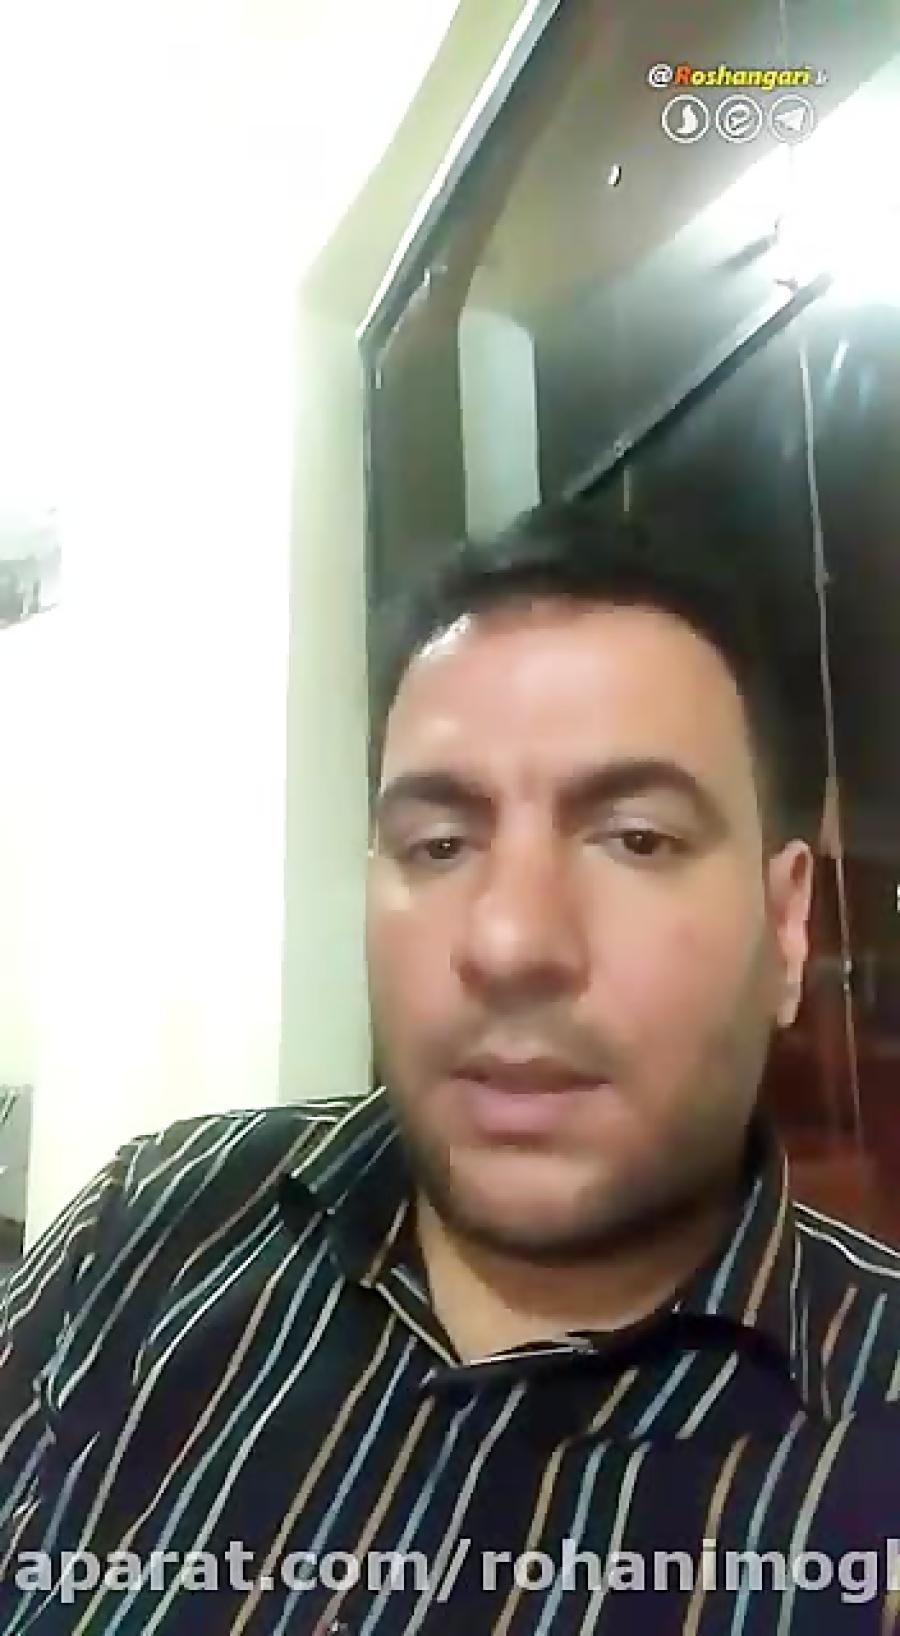 ویدئوییکه محمدانصاری بعدازانتشارخبرمرگش به اشتراک گذاشت